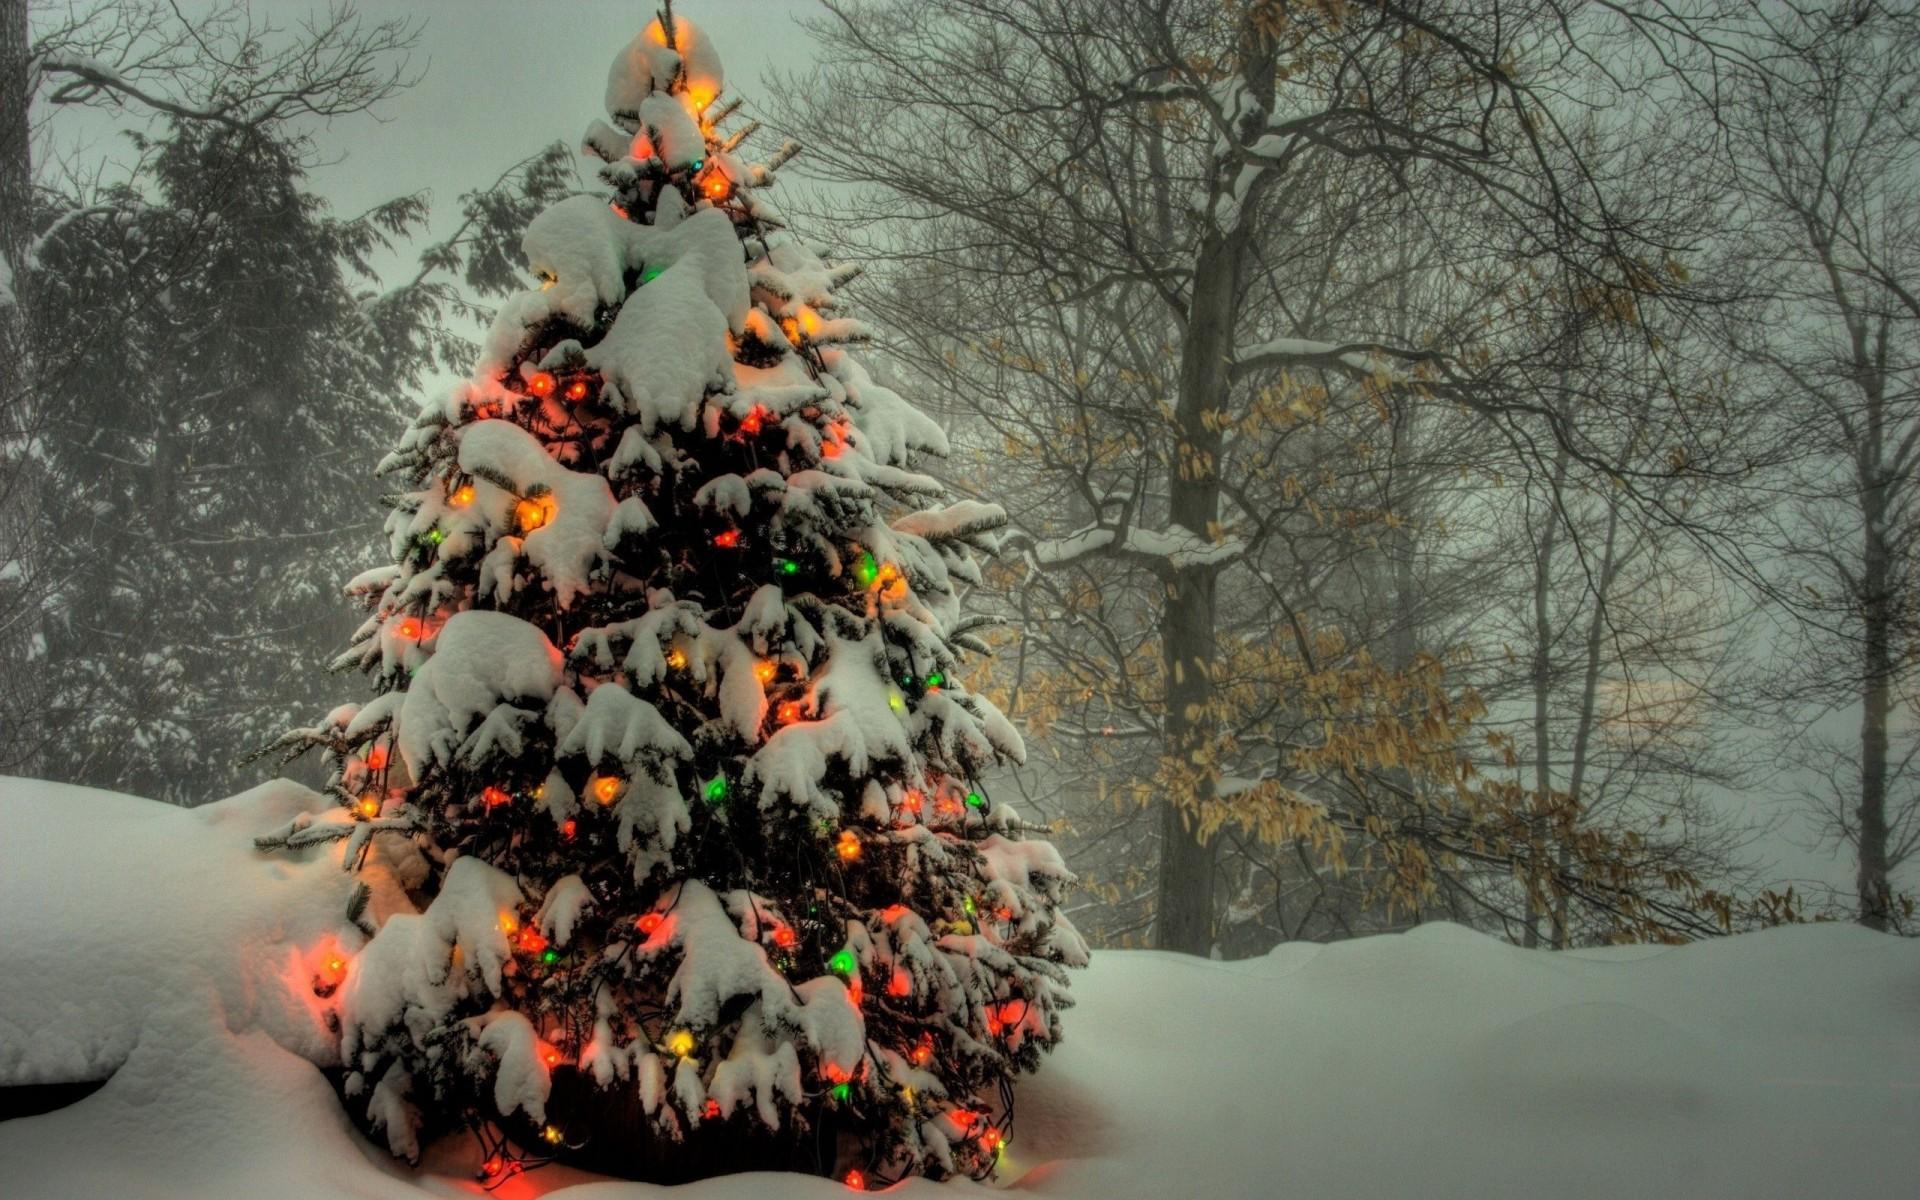 Открытки днем, картинки с новым годом с елкой